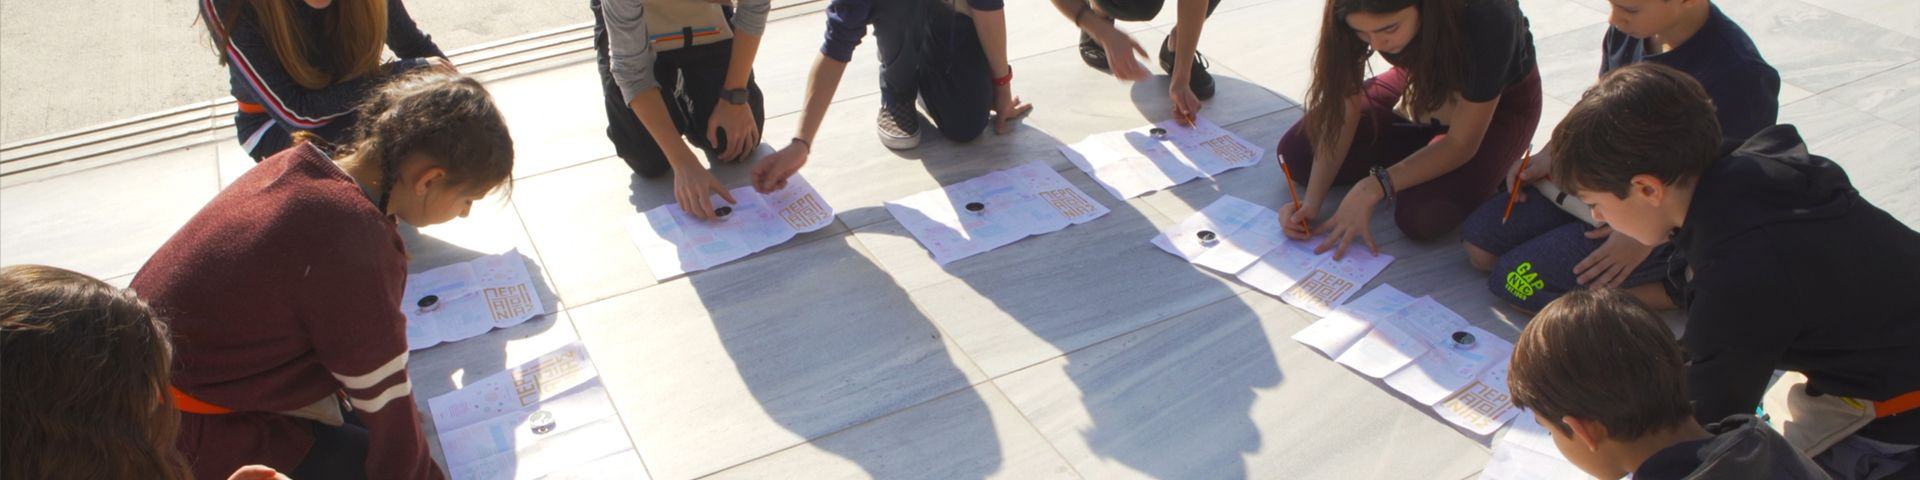 """Φωτογραφία από το νέο σχολικό πρόγραμμα του ΚΠΙΣΝ """"Οι Σχολικές Τσάντες"""""""